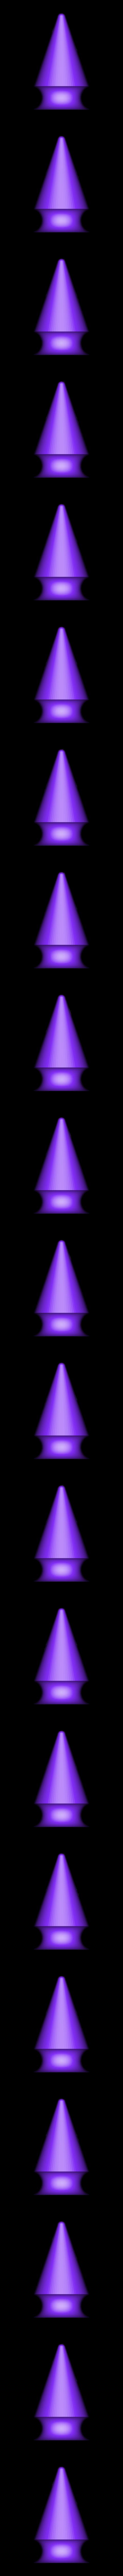 Pick.stl Télécharger fichier STL gratuit Aegis-fang- Wulfgar's Hammer (Imprimable) • Objet imprimable en 3D, derailed